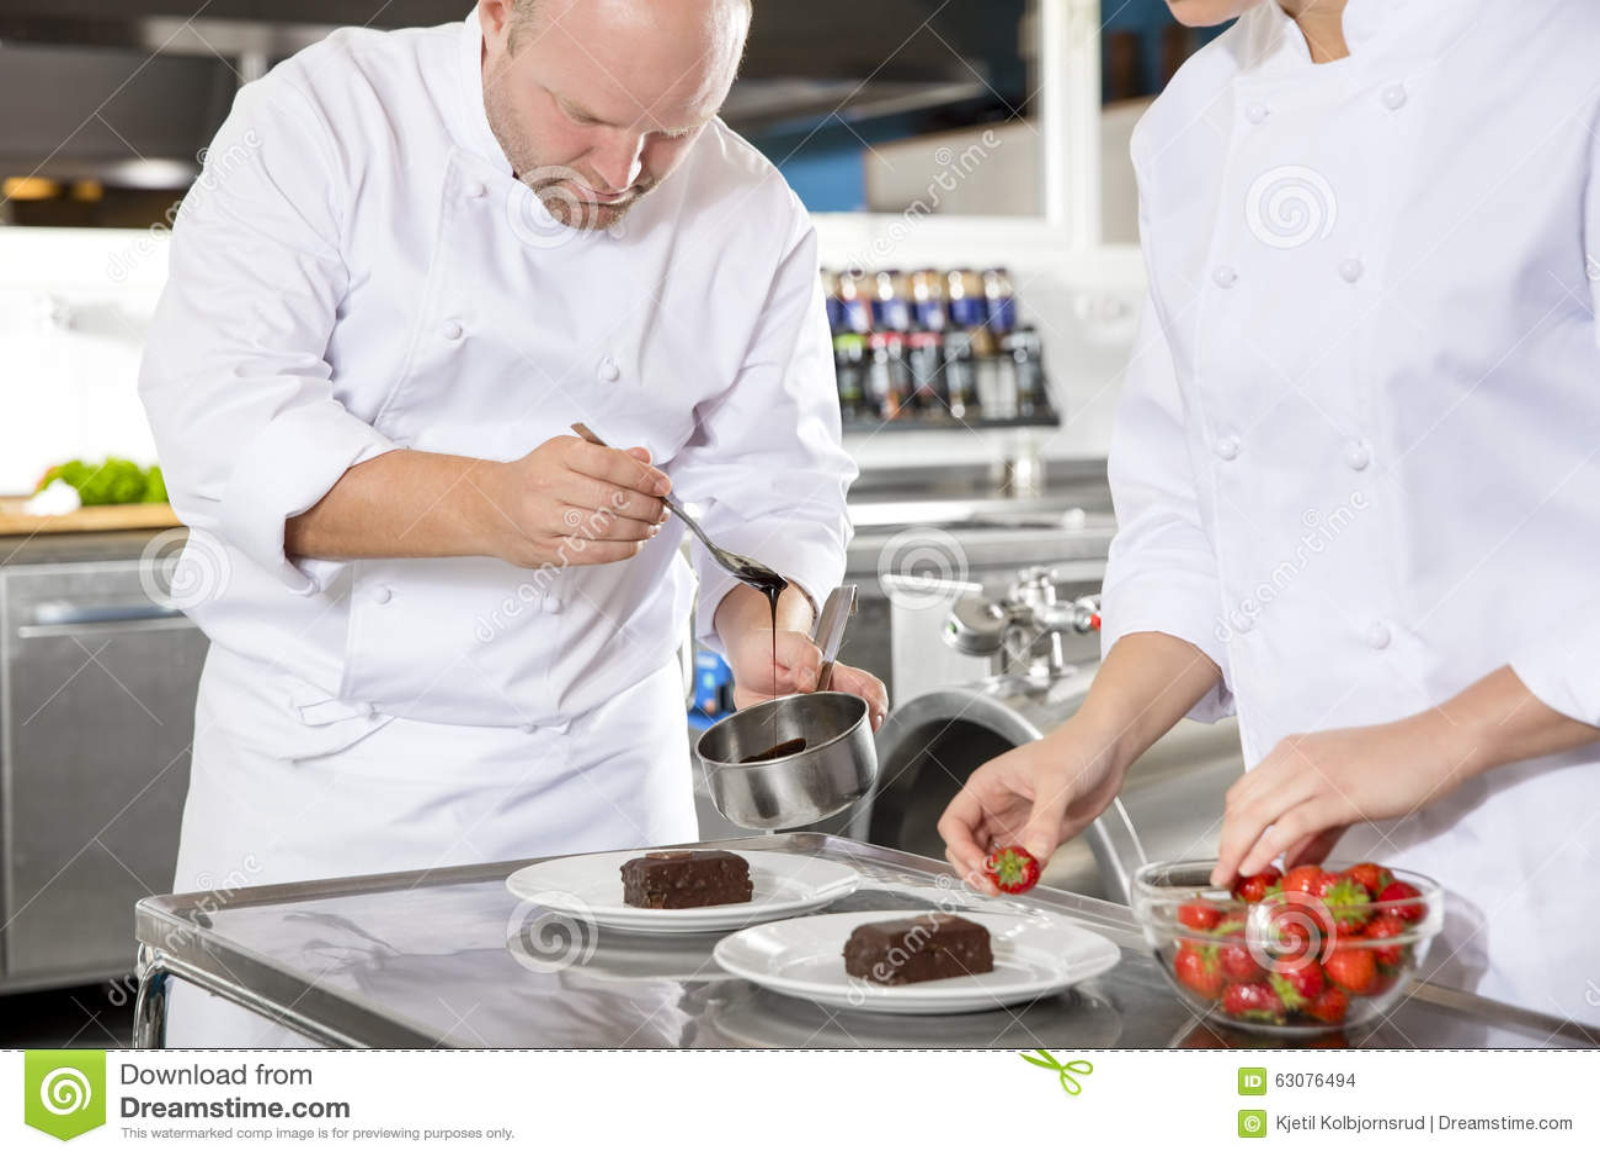 Download Le Chef Décore Le Gâteau De Dessert Avec La Crème Au Chocolat Dans La Cuisine Photo stock - Image du hôtel, affaires: 63076494